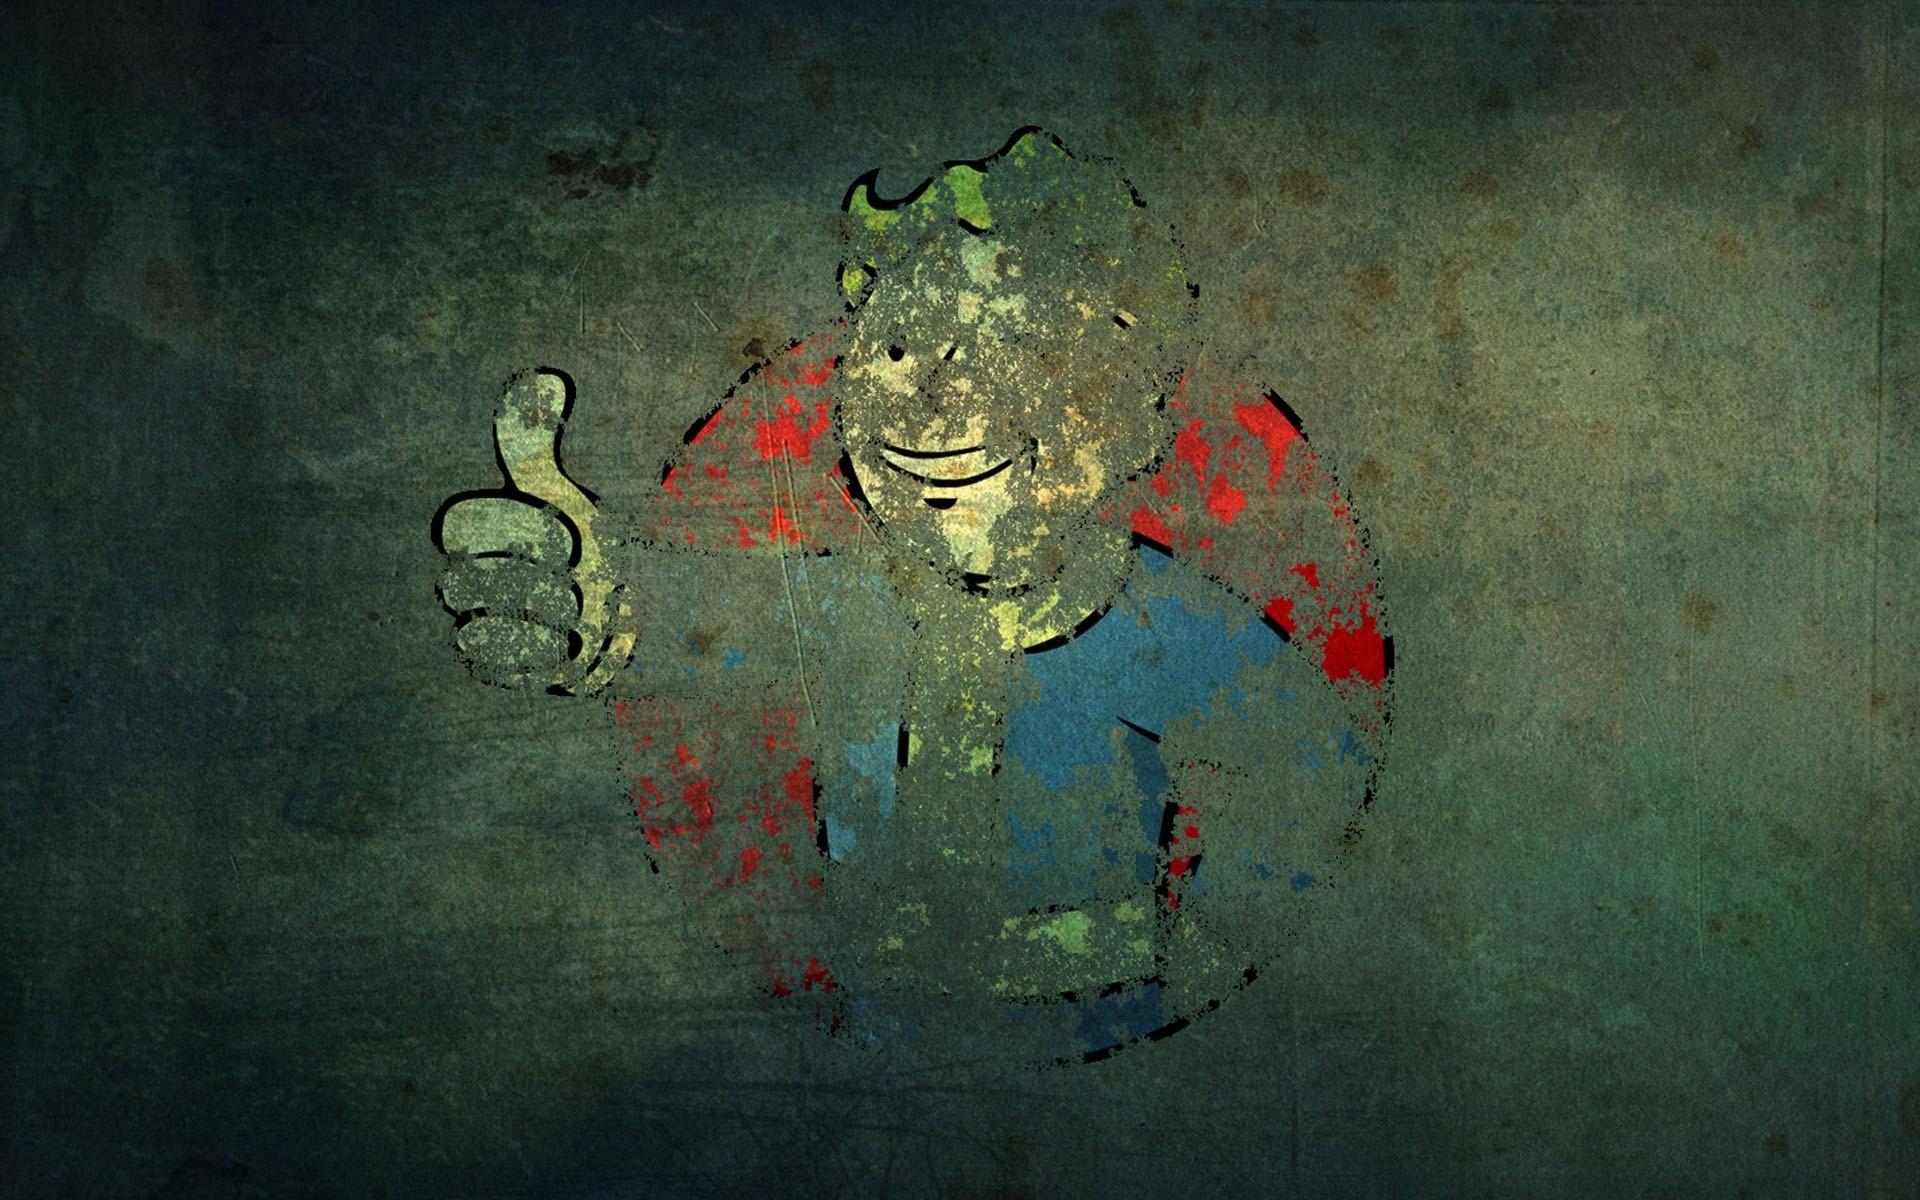 #Fallout #3 [Gaming] #desktop #wallpapers